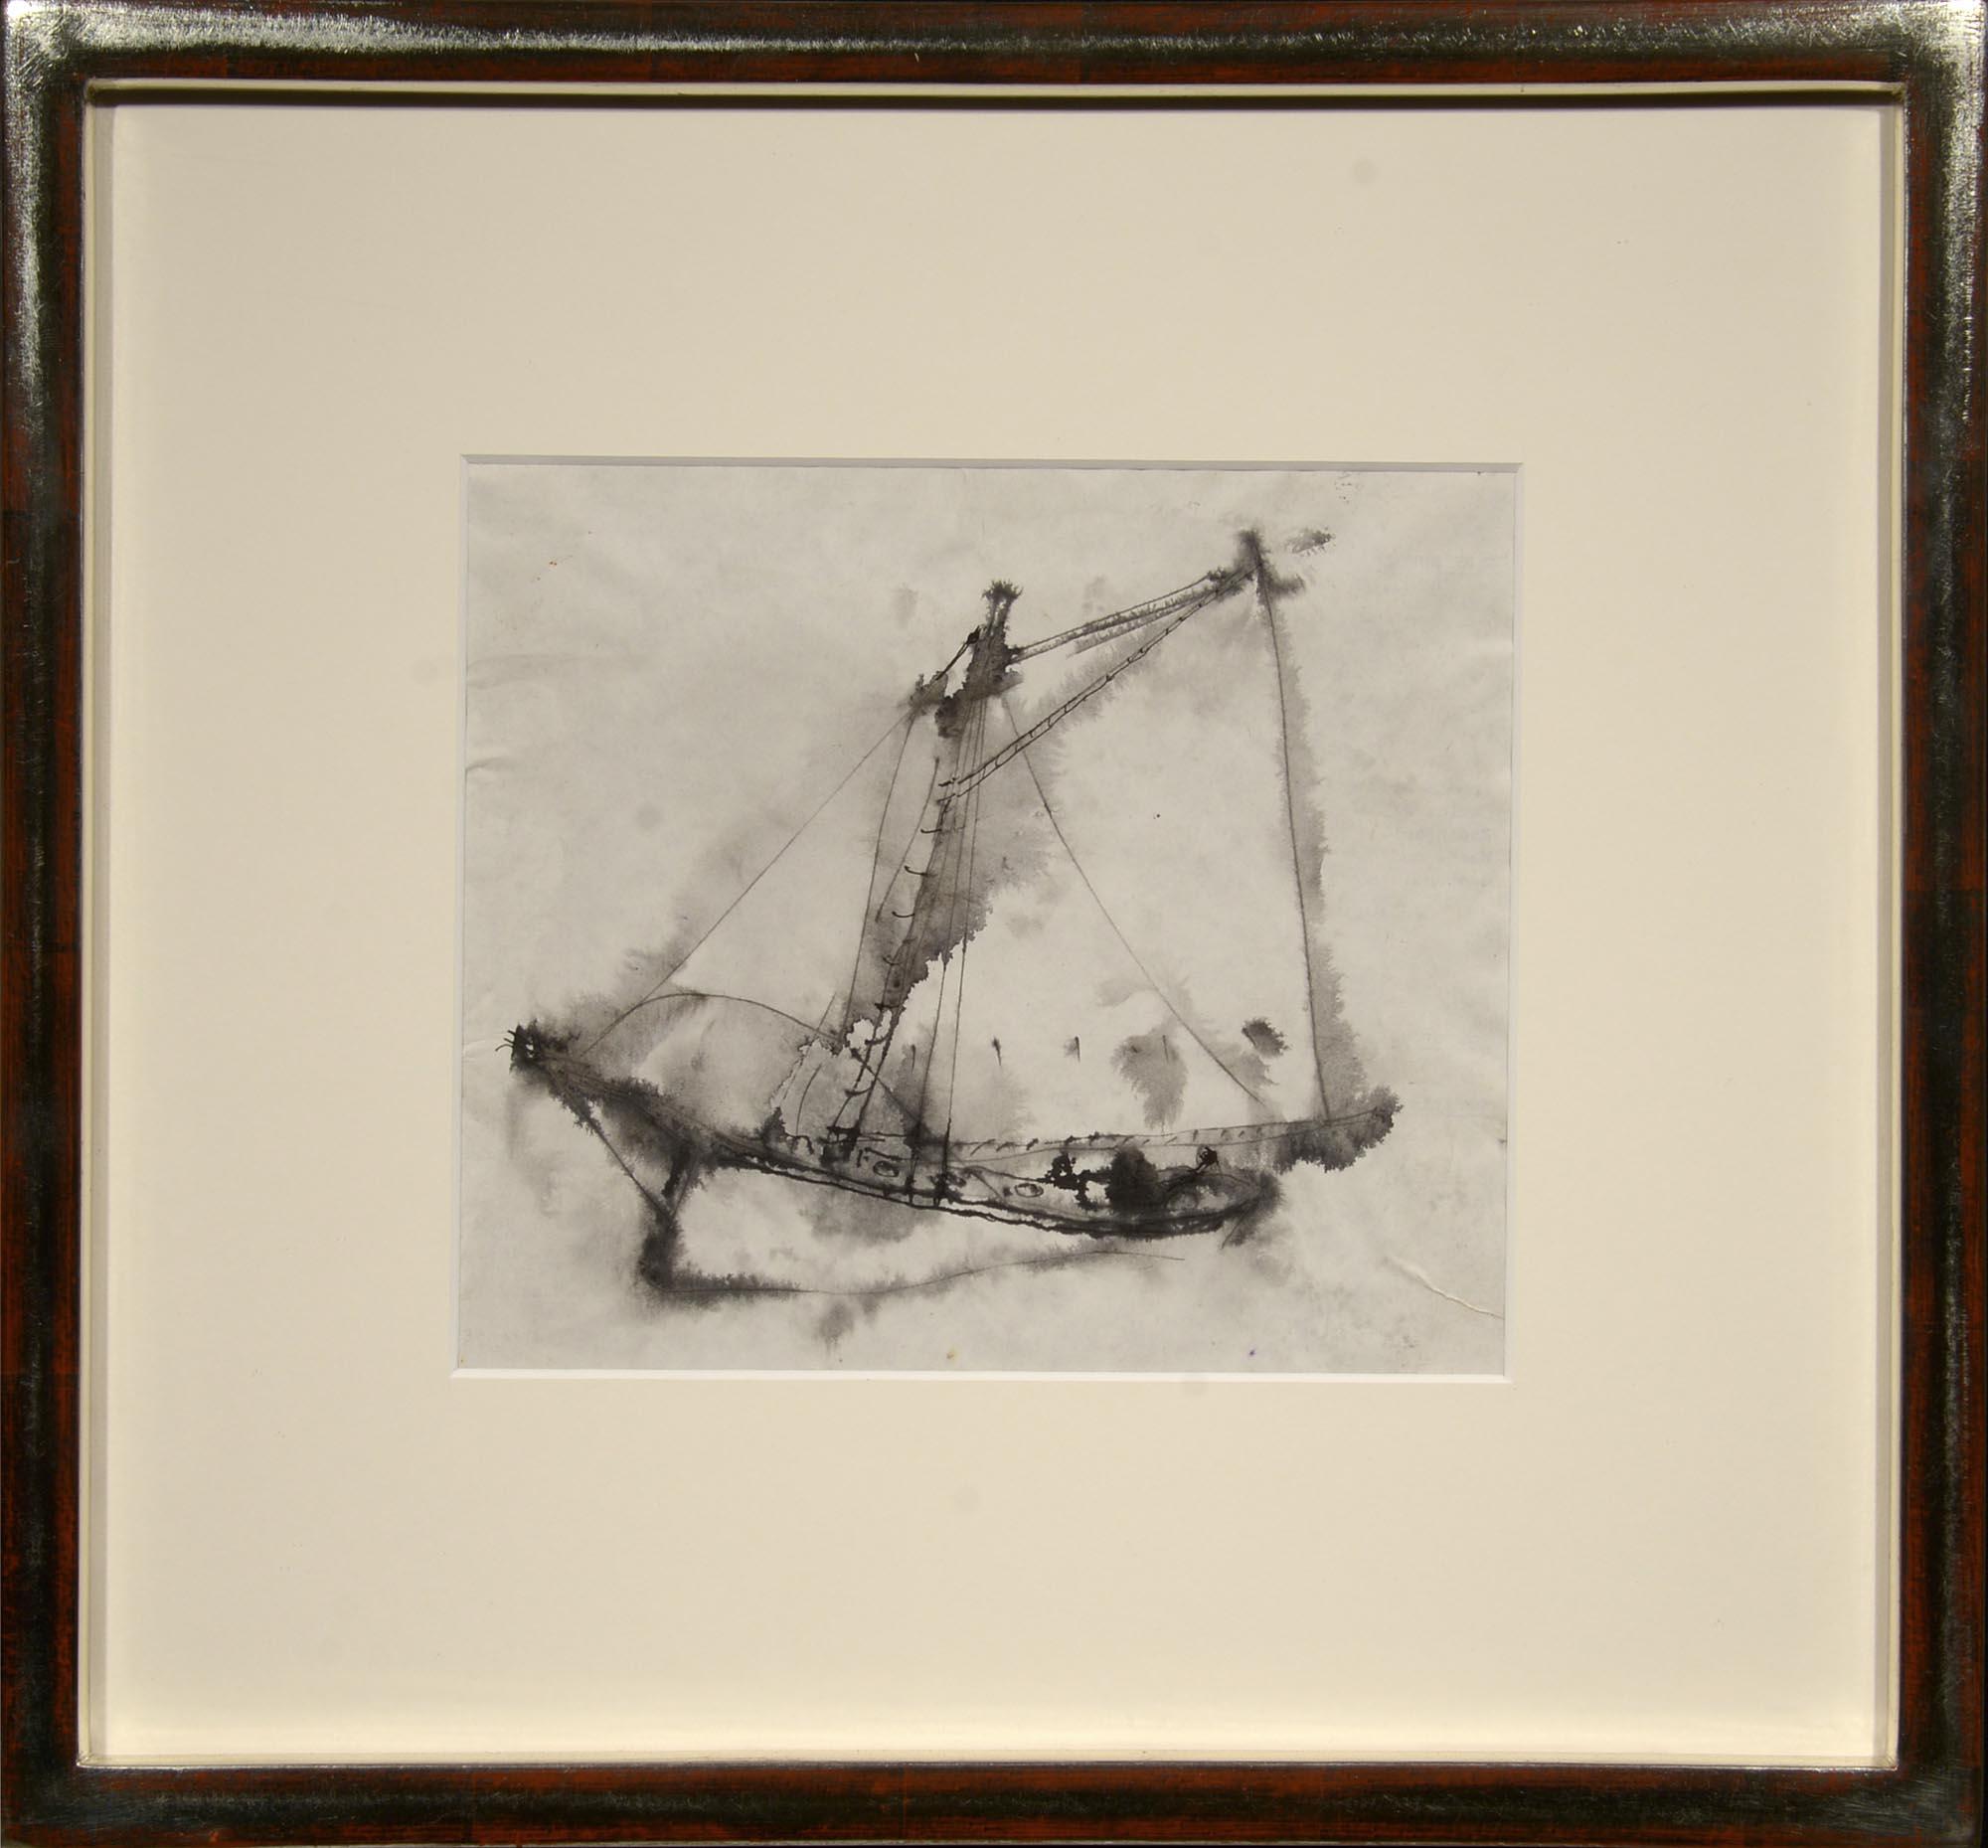 William Thon Gaff-Rigged Schooner framed